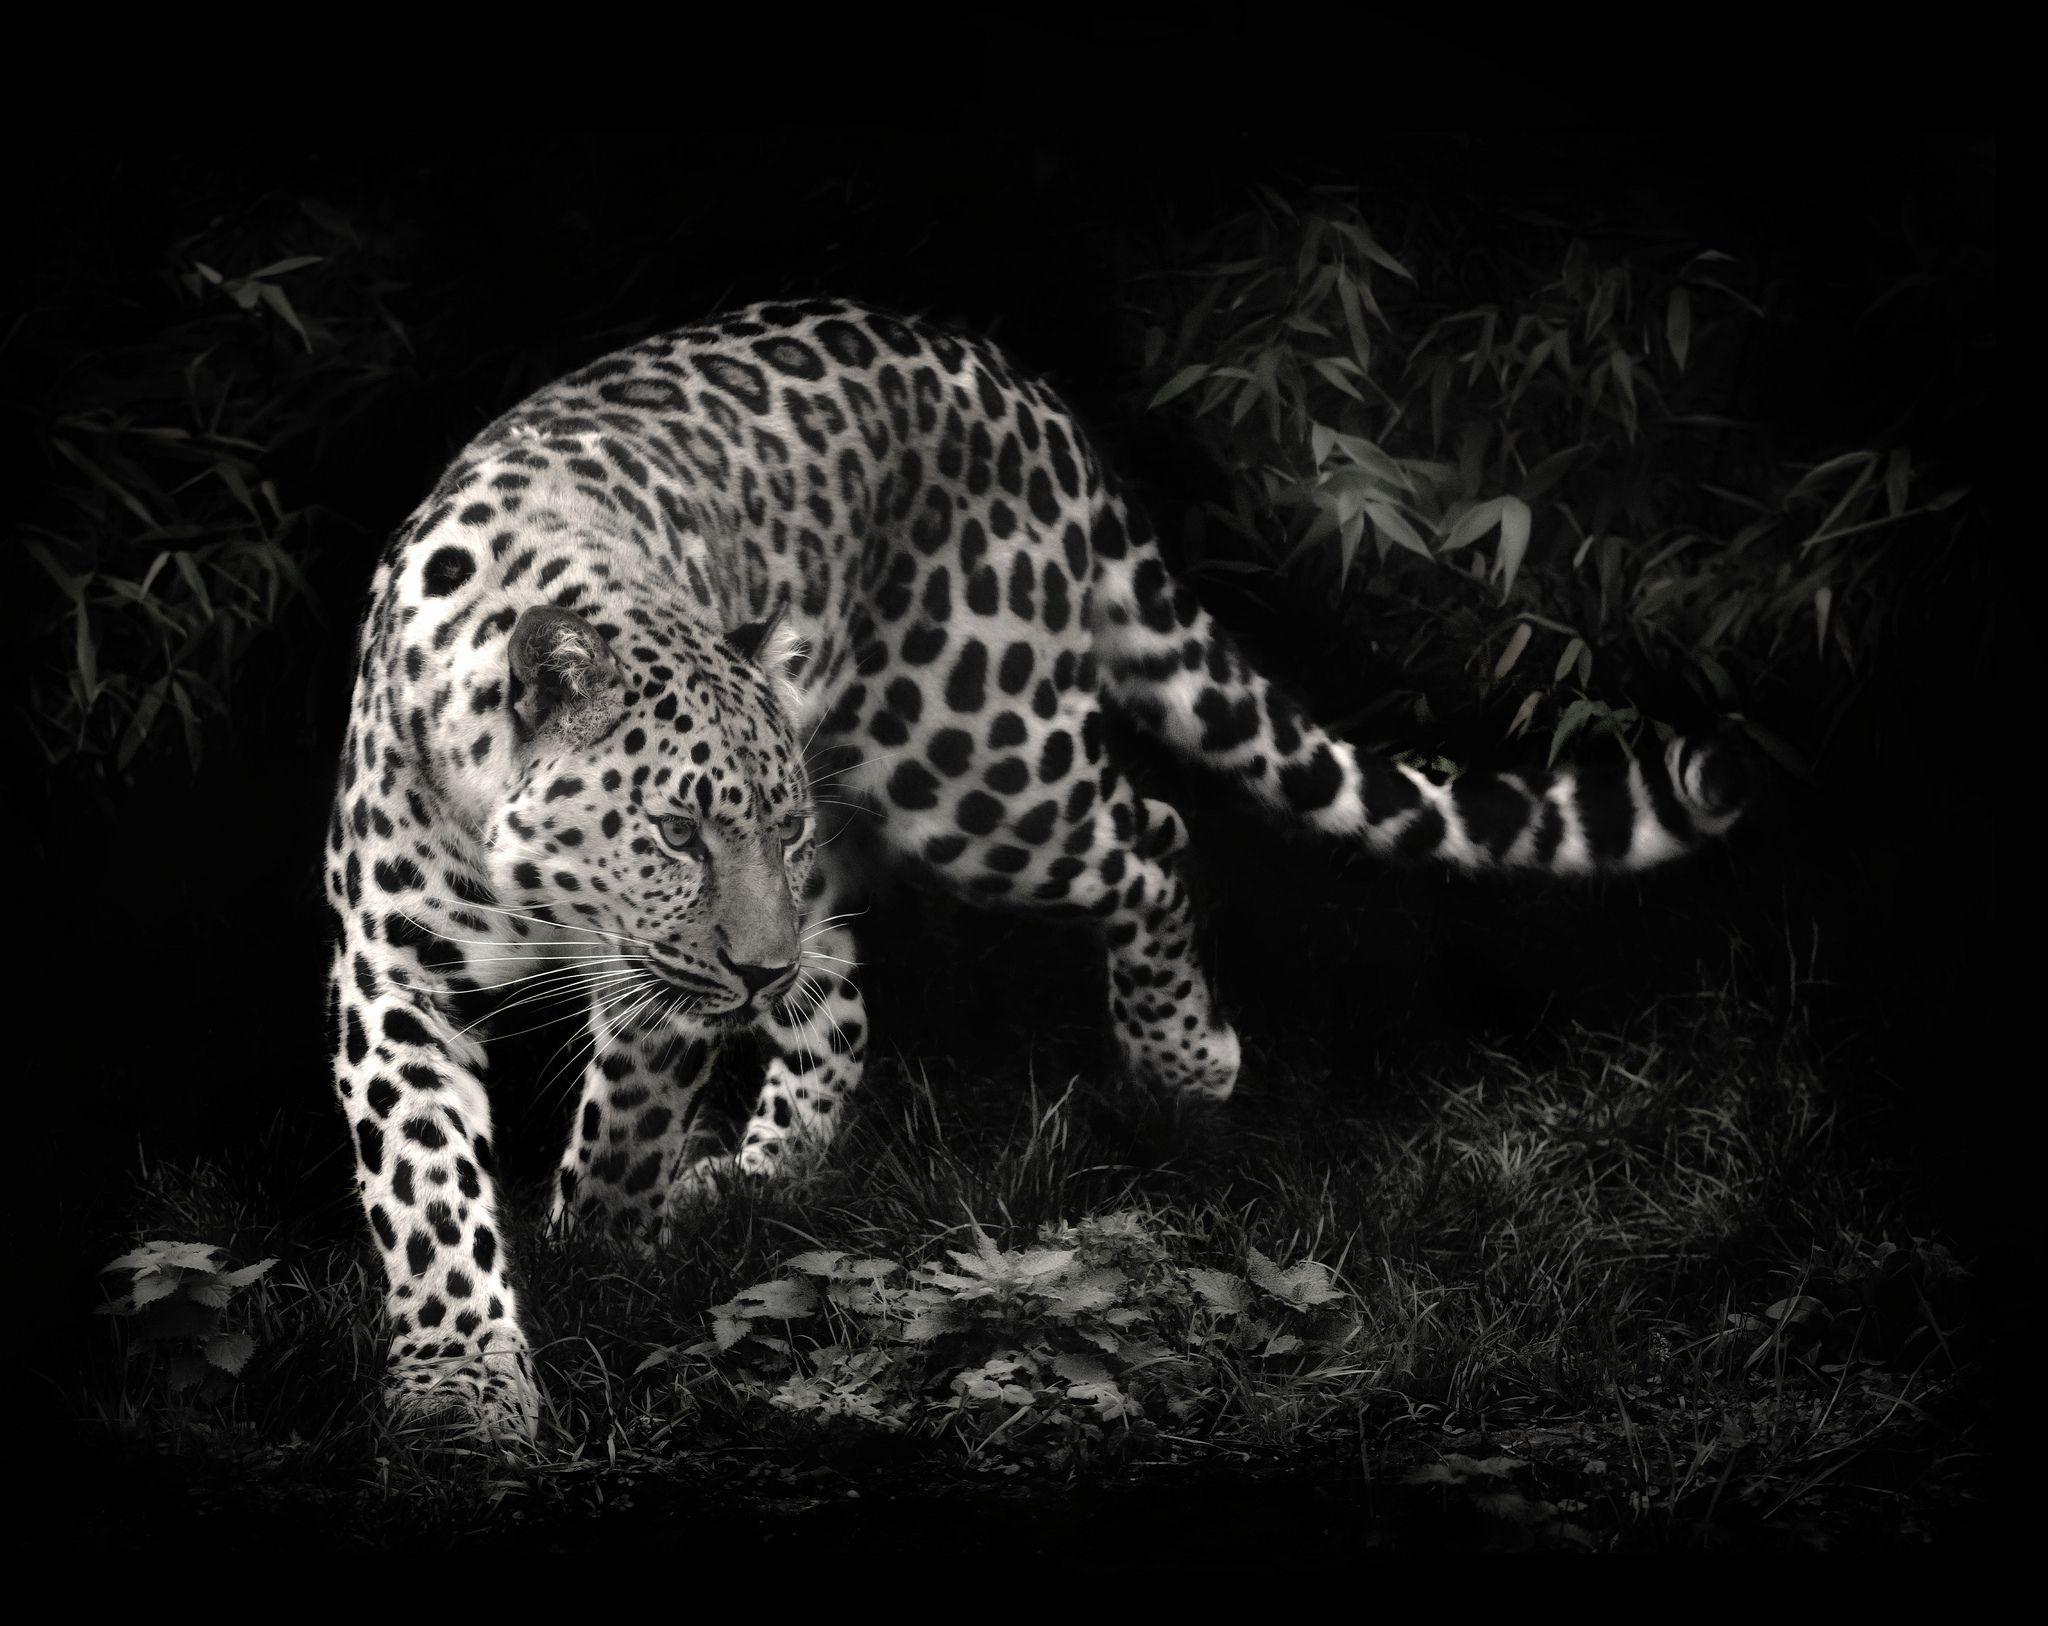 Leopard Desktop Wallpaper Free Download